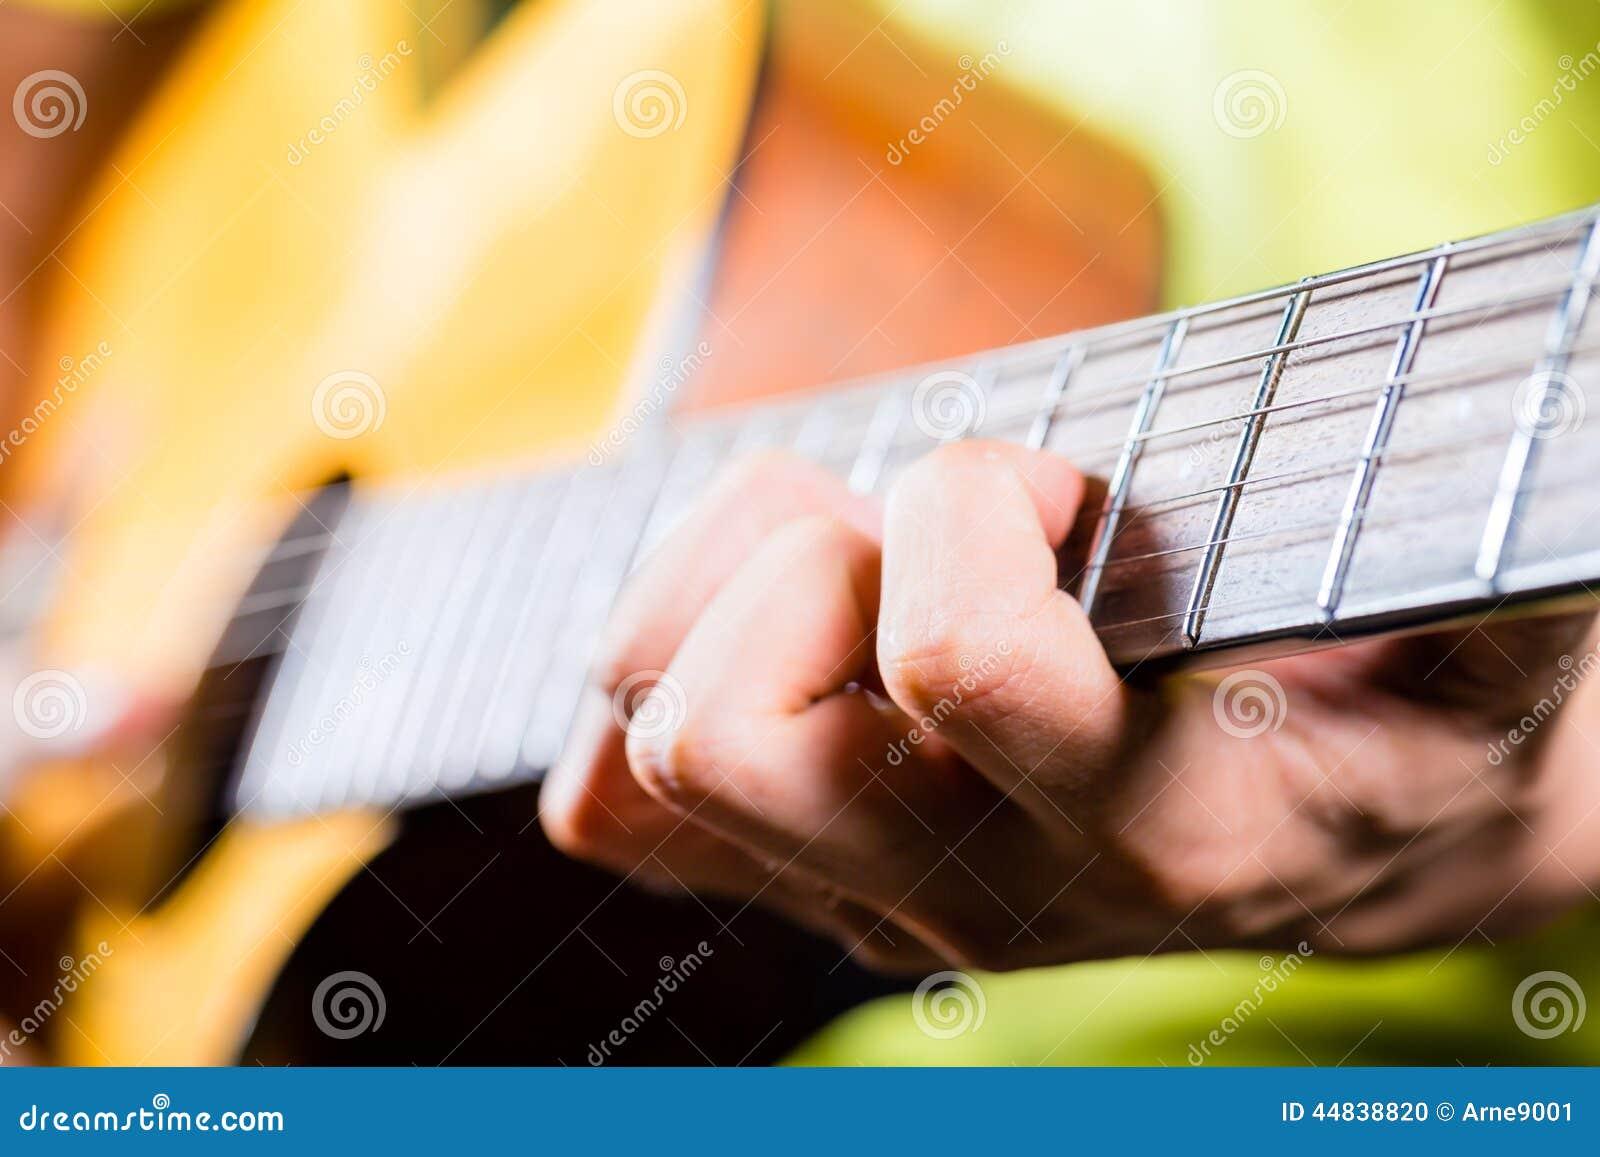 Asiatisk gitarrist som spelar musik i inspelningstudio